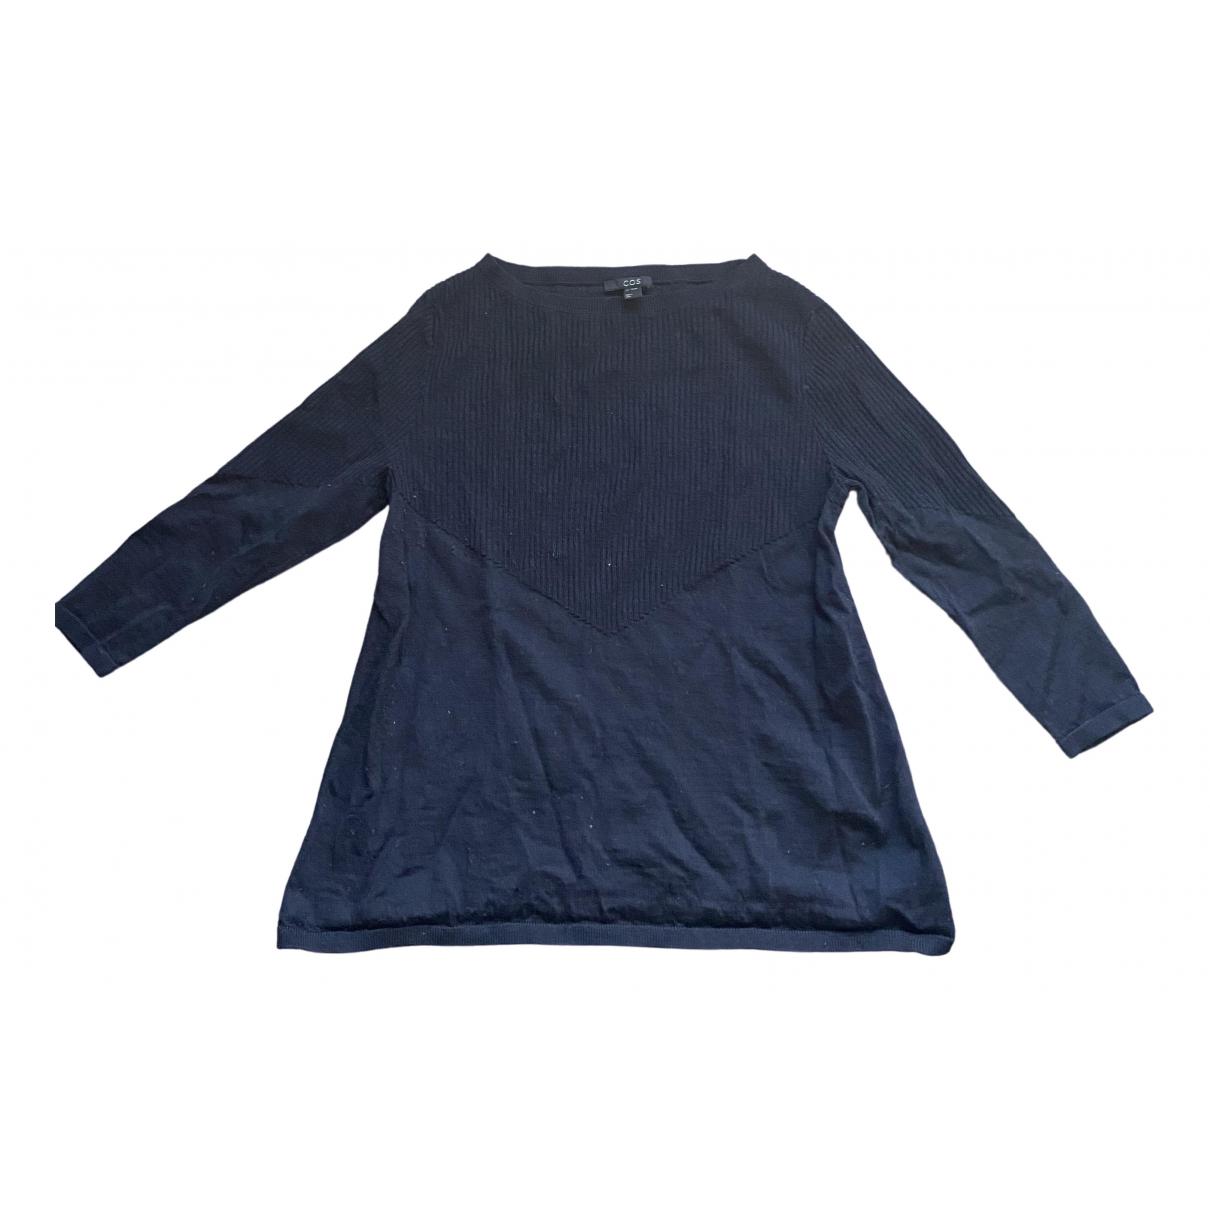 Cos - Pull   pour femme en laine - marine